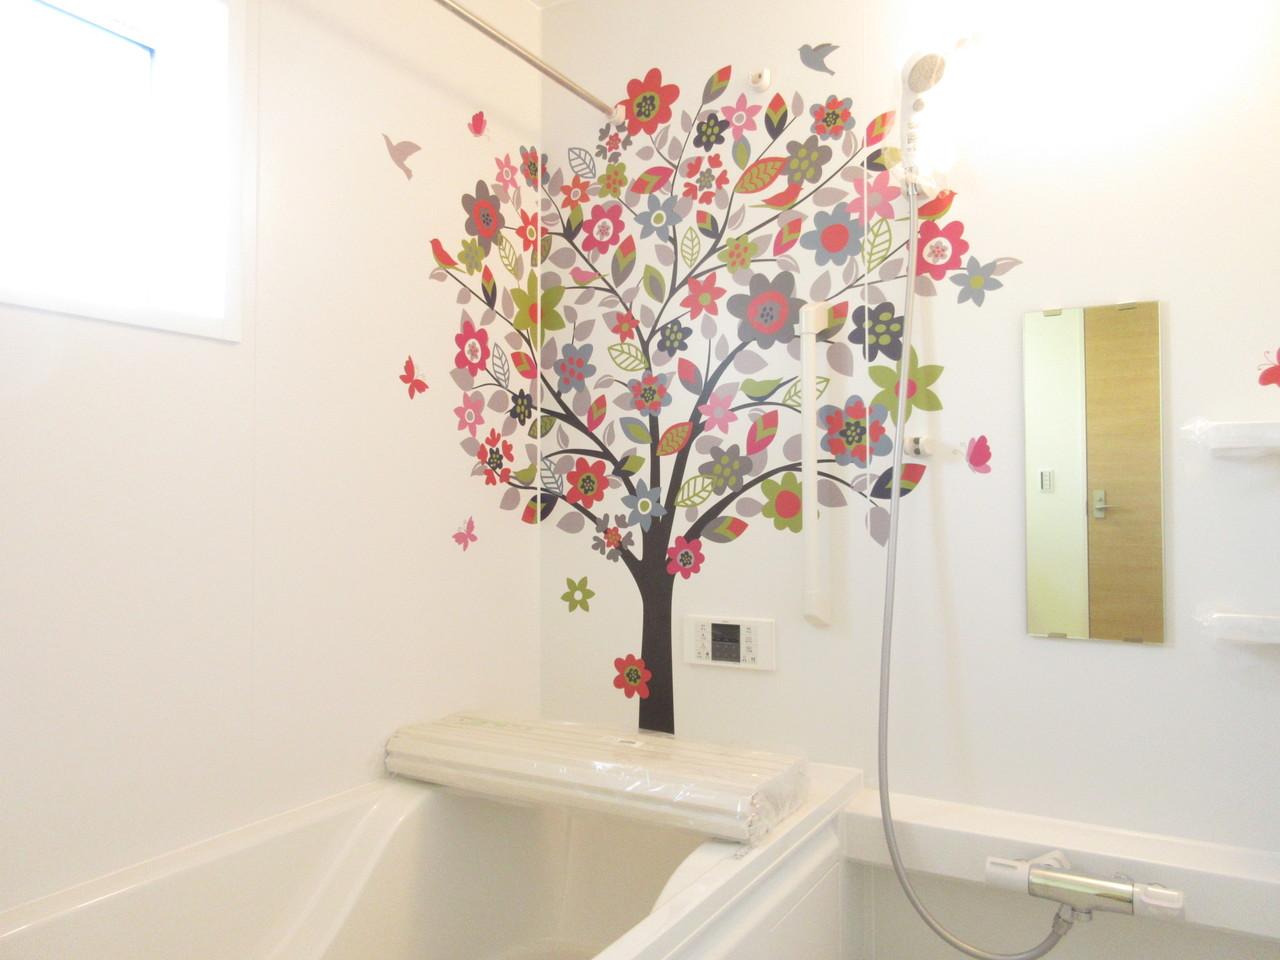 浴室の壁にアクセント。個性的なお風呂で楽しくバスタイム♪